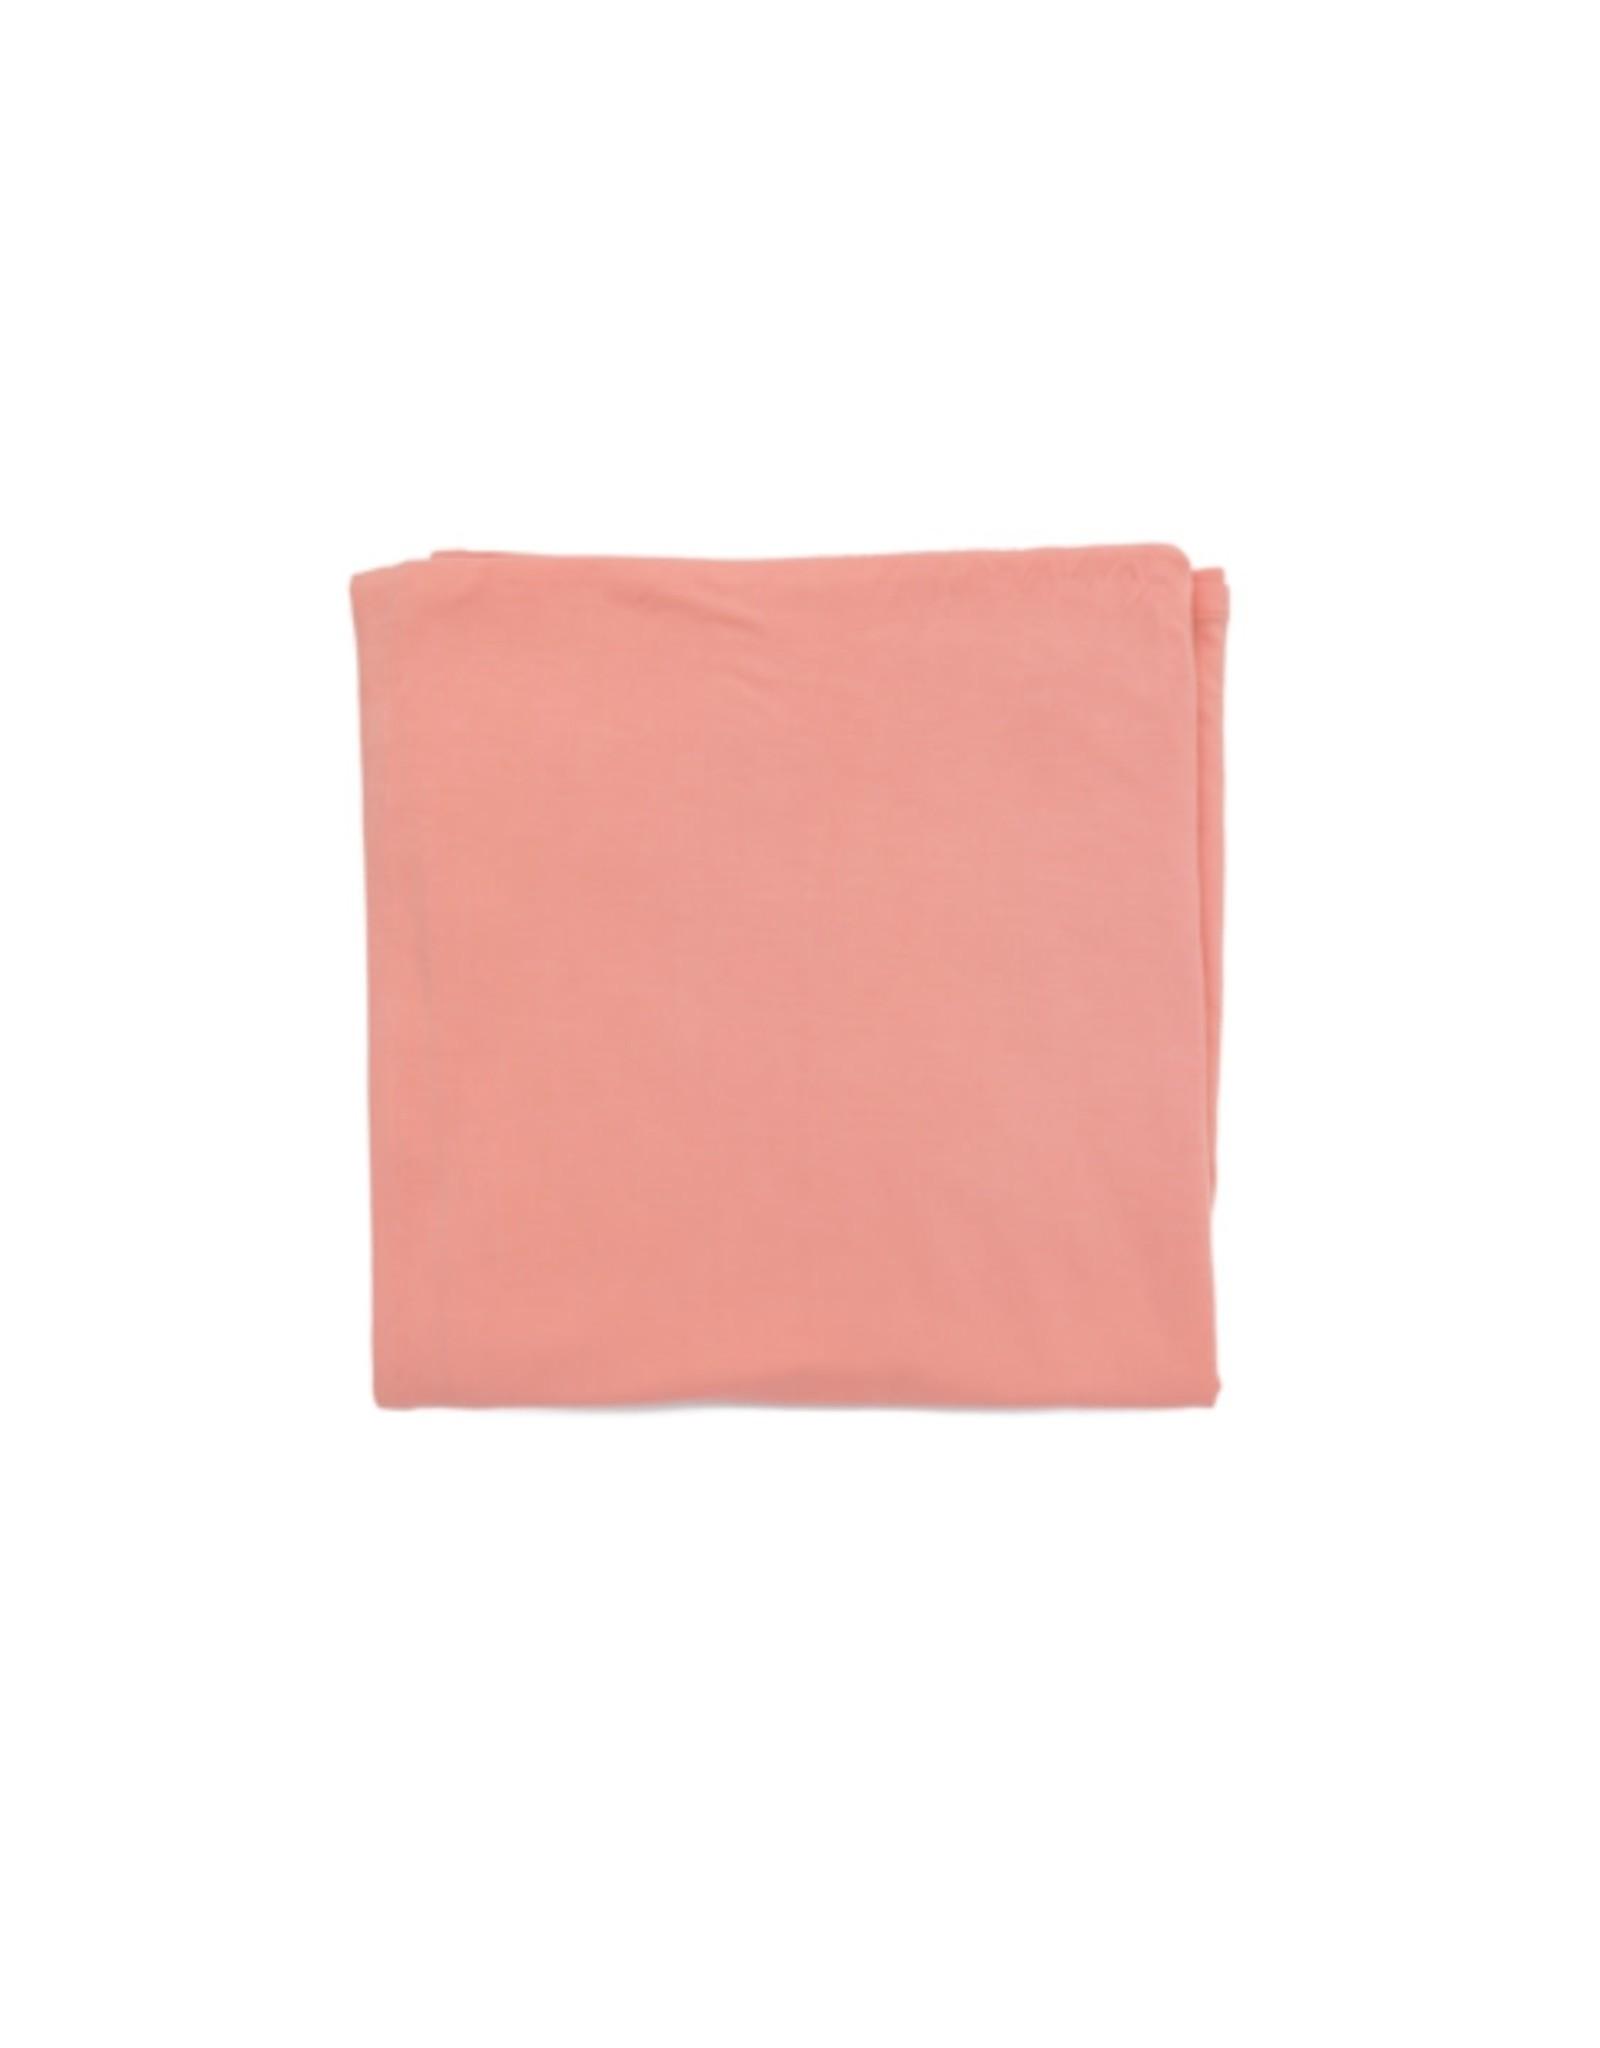 Gigi & Max Gigi & Max - Mila Peach Swaddle Blanket